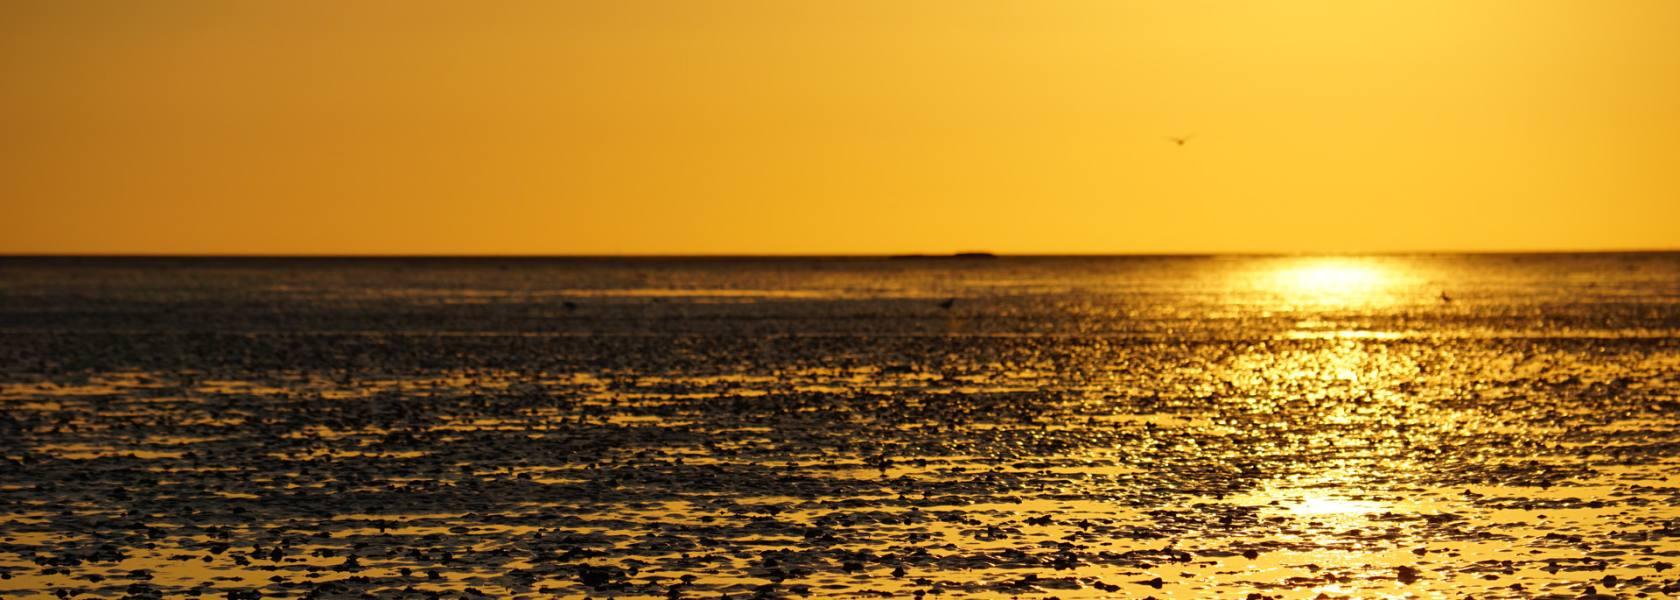 Wattenmeer im Sonnenuntergang, © Die Nordsee GmbH, Robin Schneider